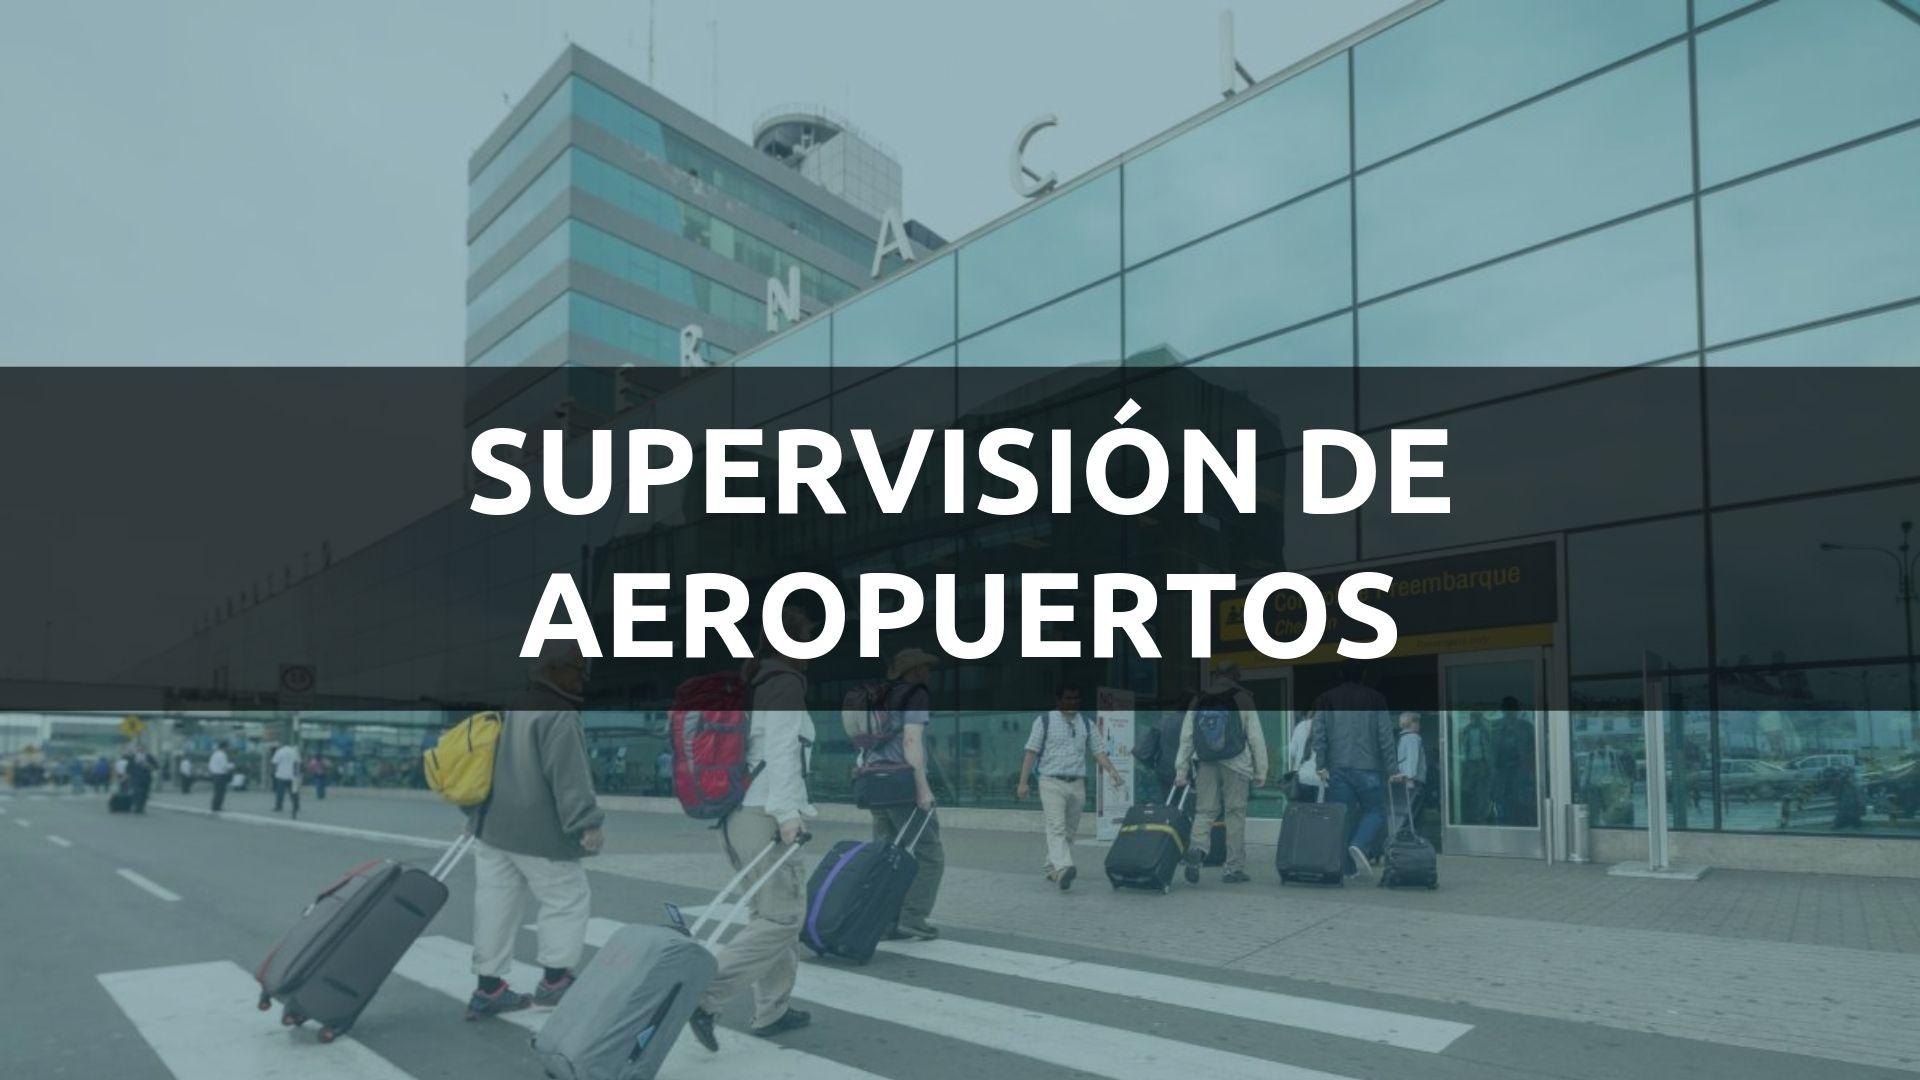 SUPERVISIÓN DE AEROPUERTOS